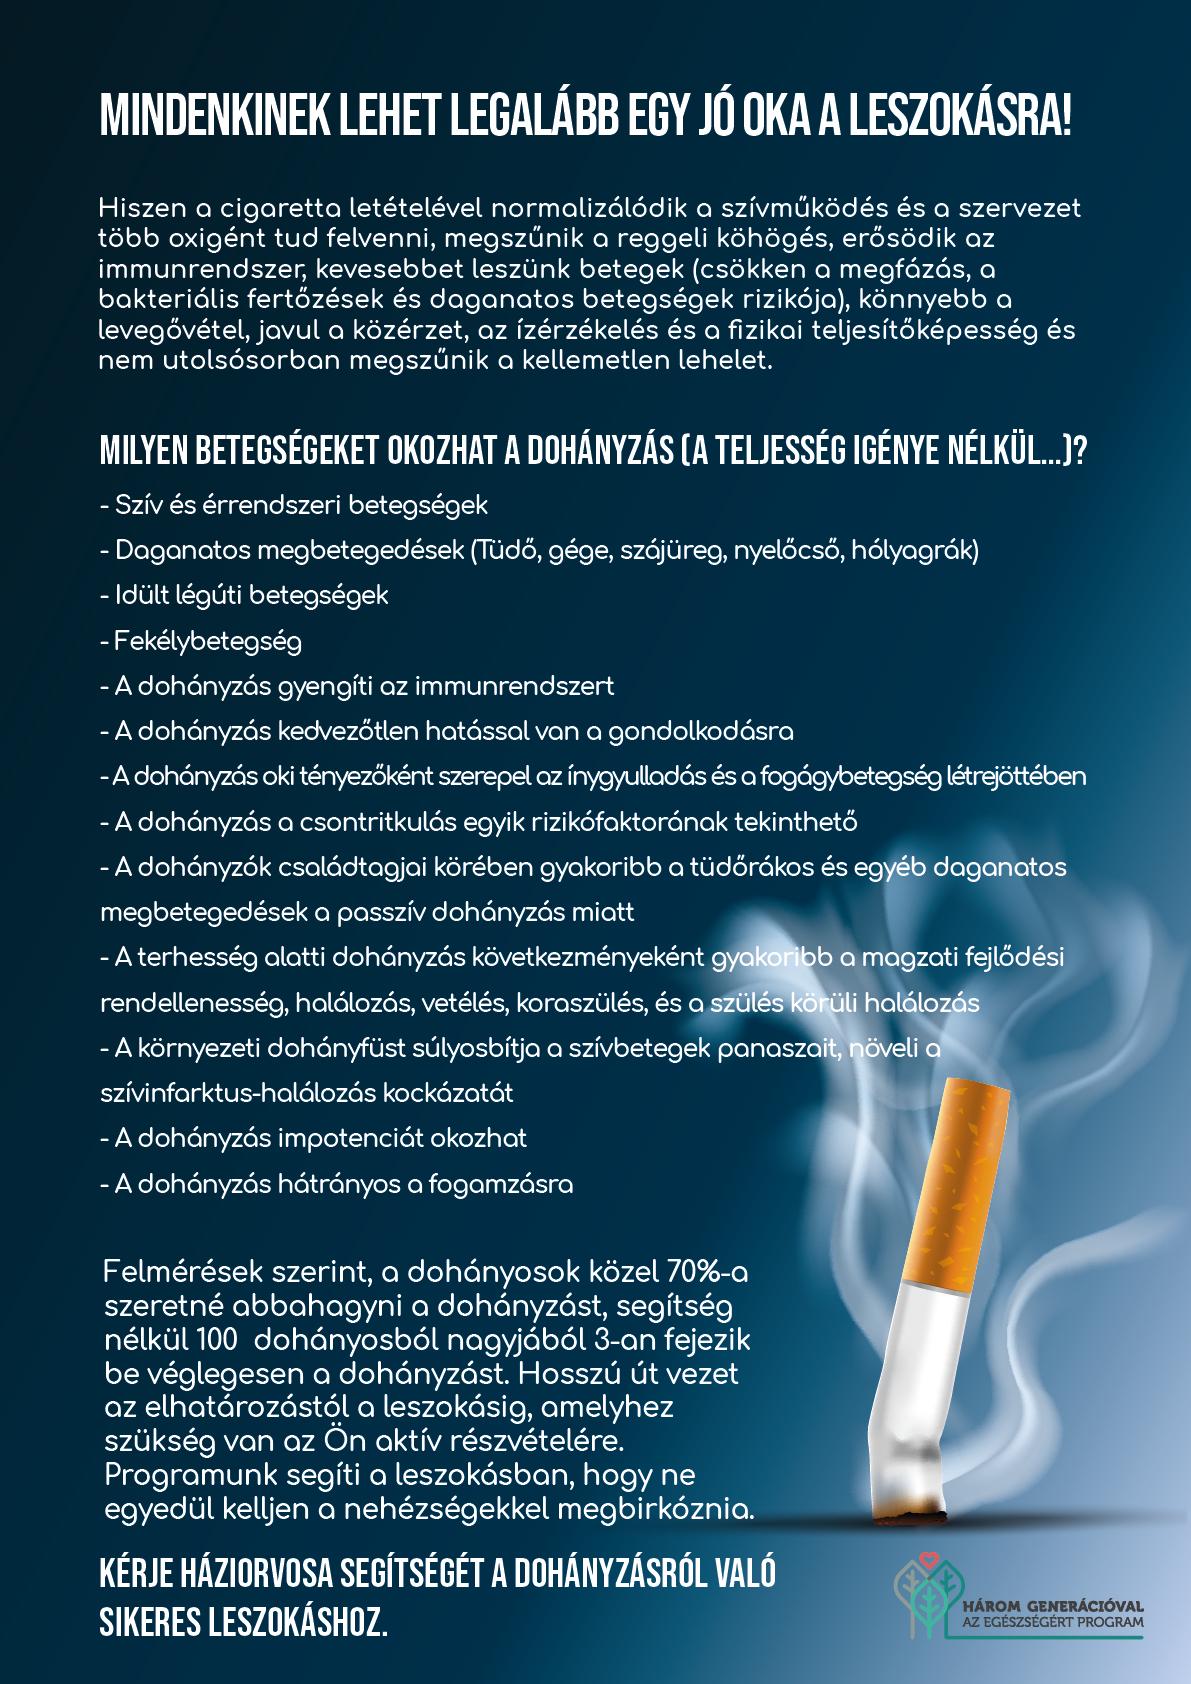 Leszokna a dohányzásról? A lelkiállapota meghatározó lehet